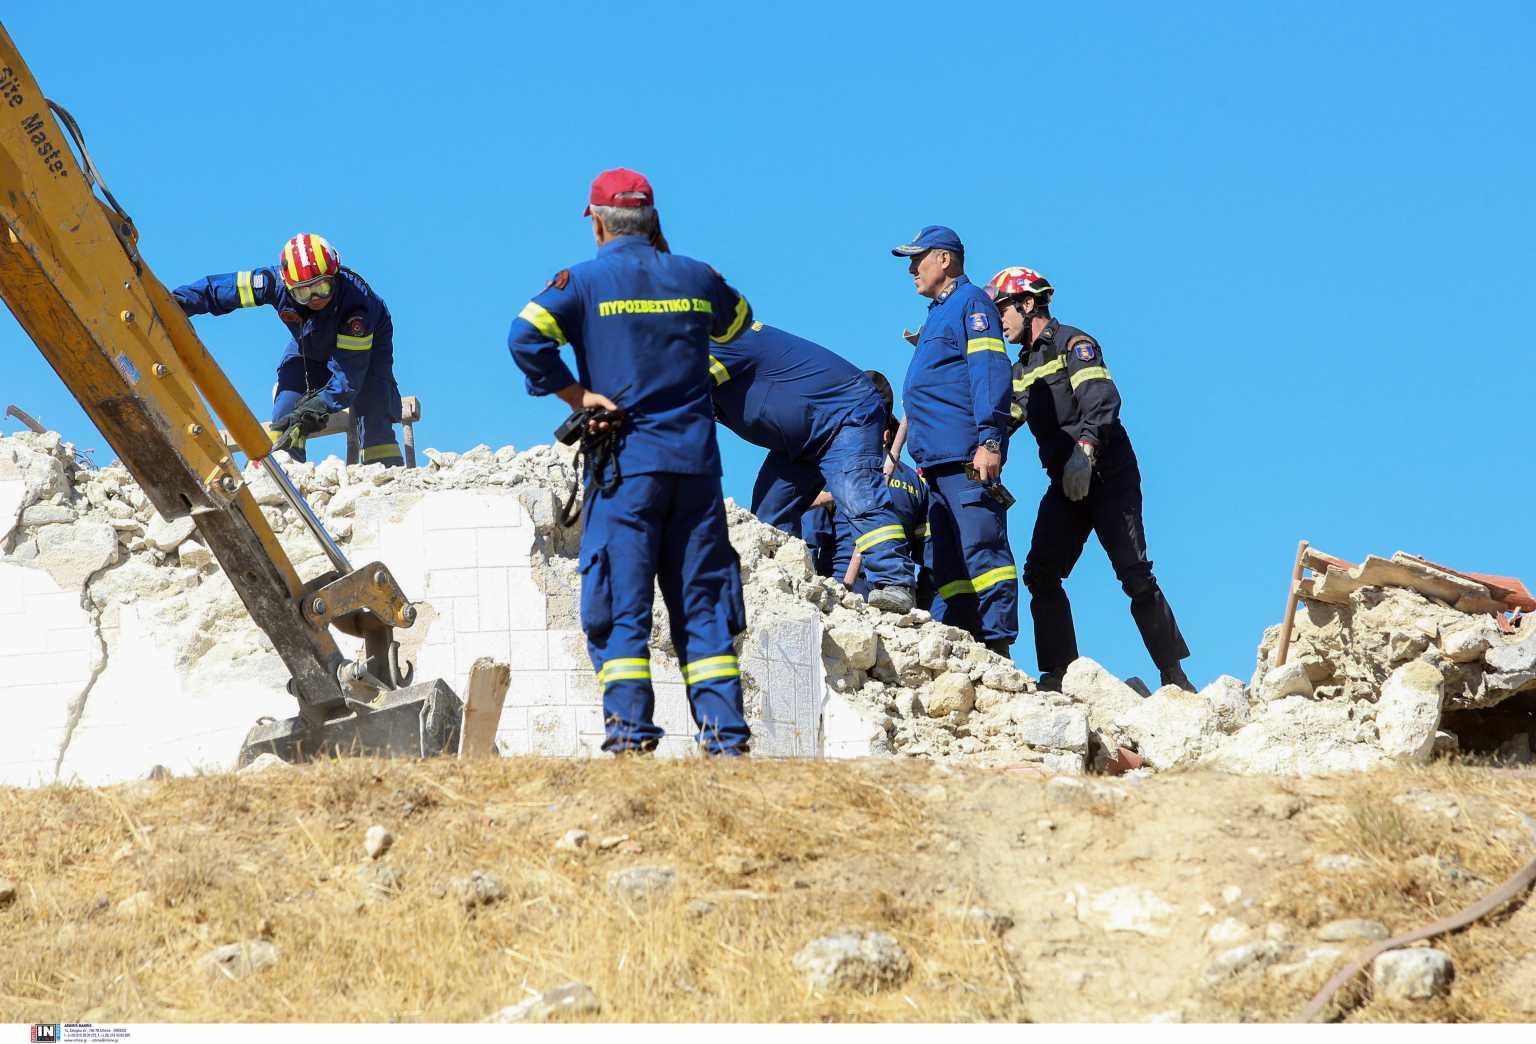 Σεισμός στην Κρήτη: Ο γιος είδε τον πατέρα του να πεθαίνει μπροστά στα μάτια του